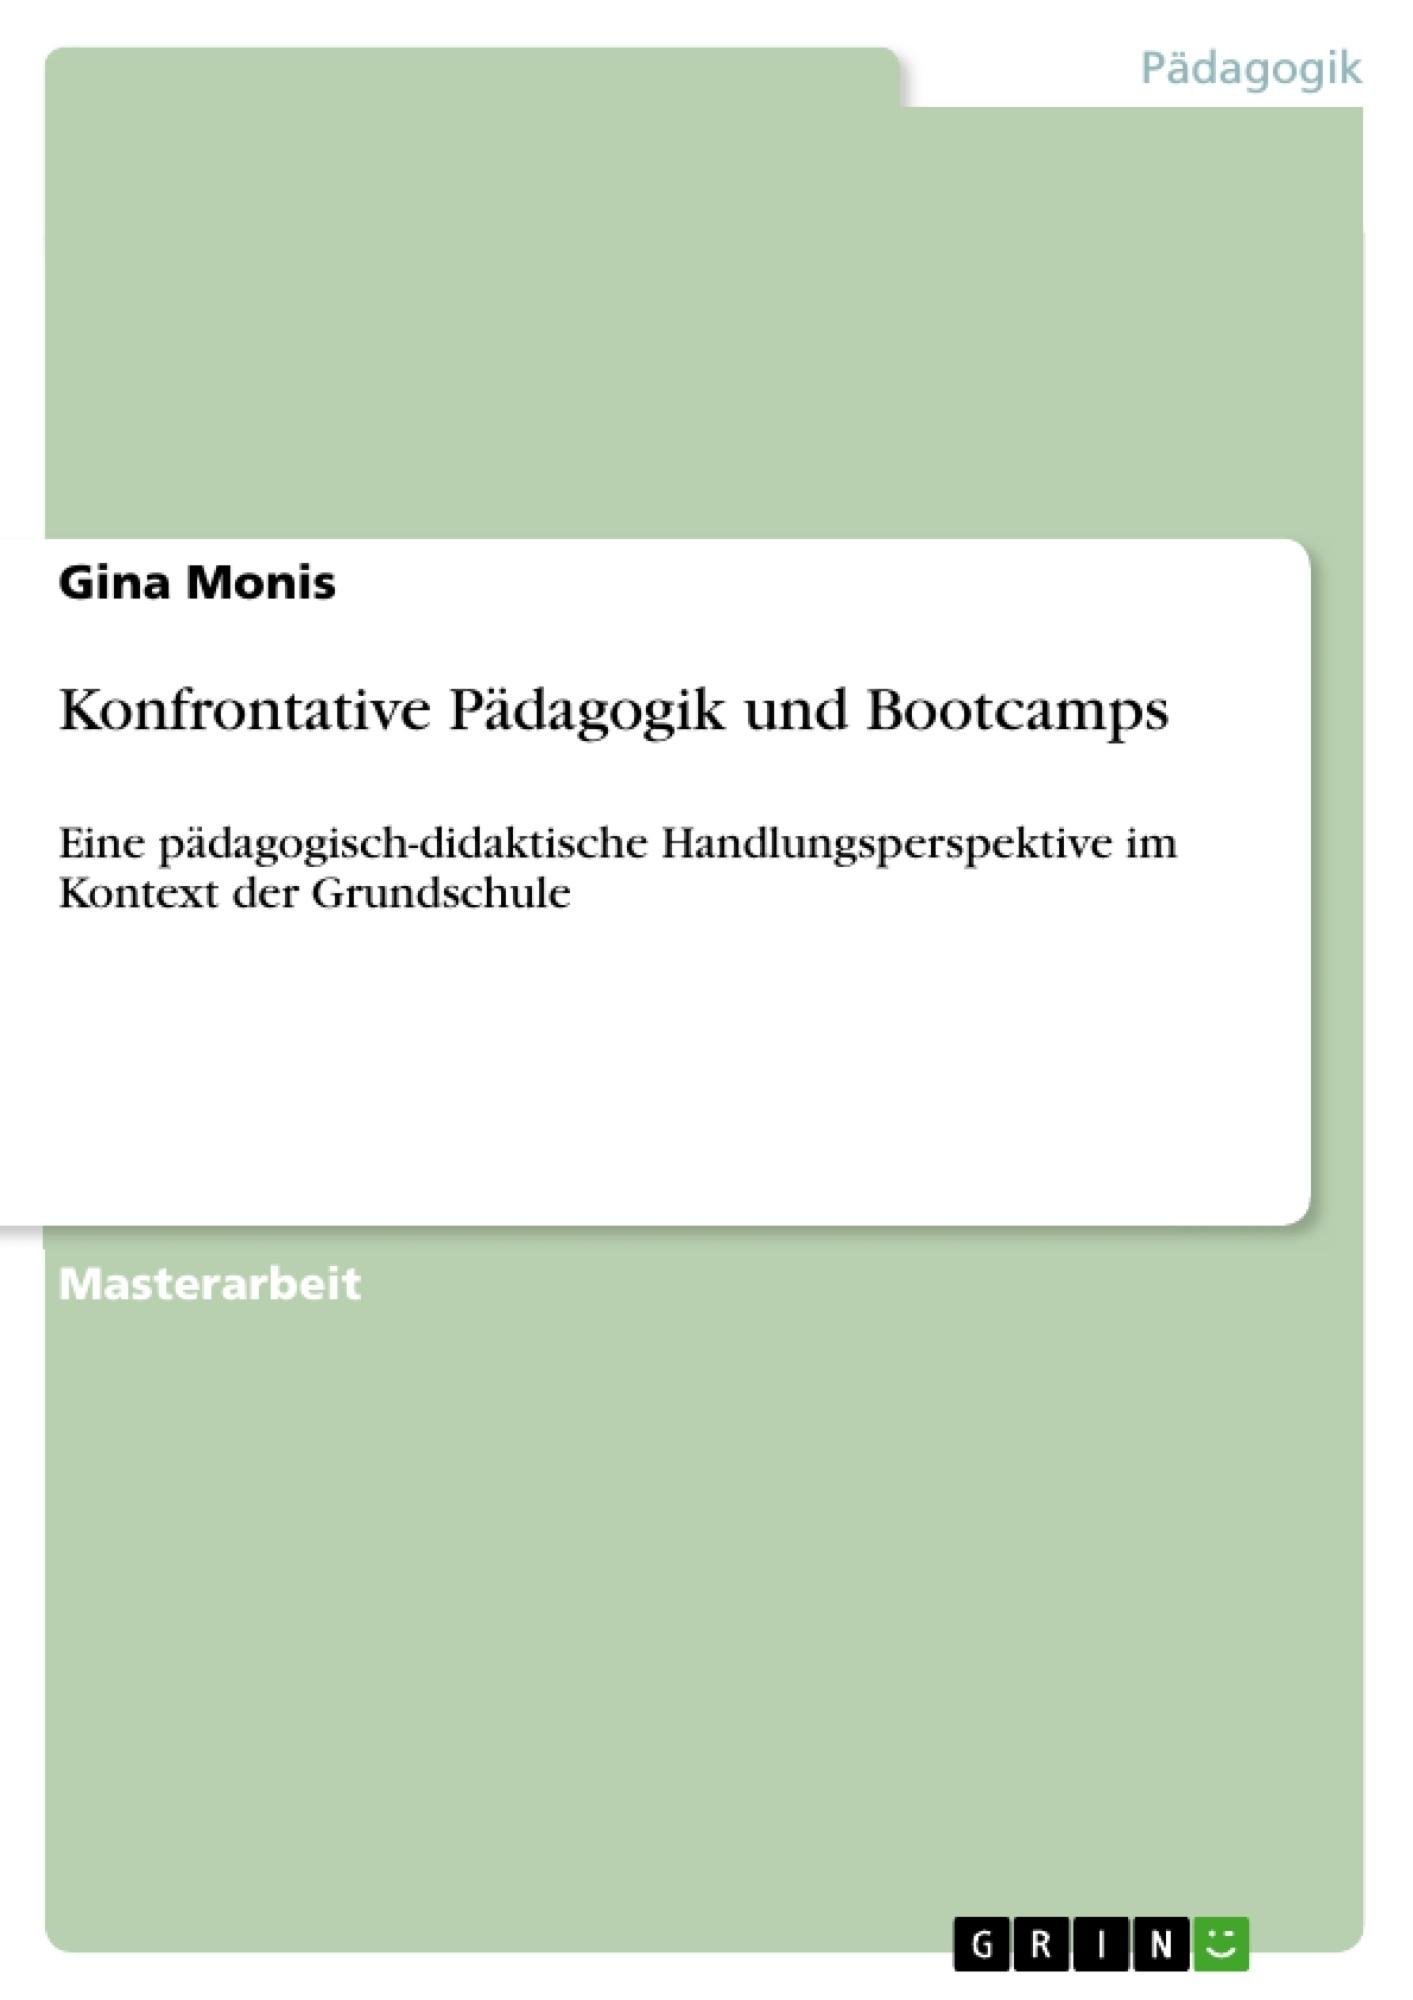 Titel: Konfrontative Pädagogik und Bootcamps